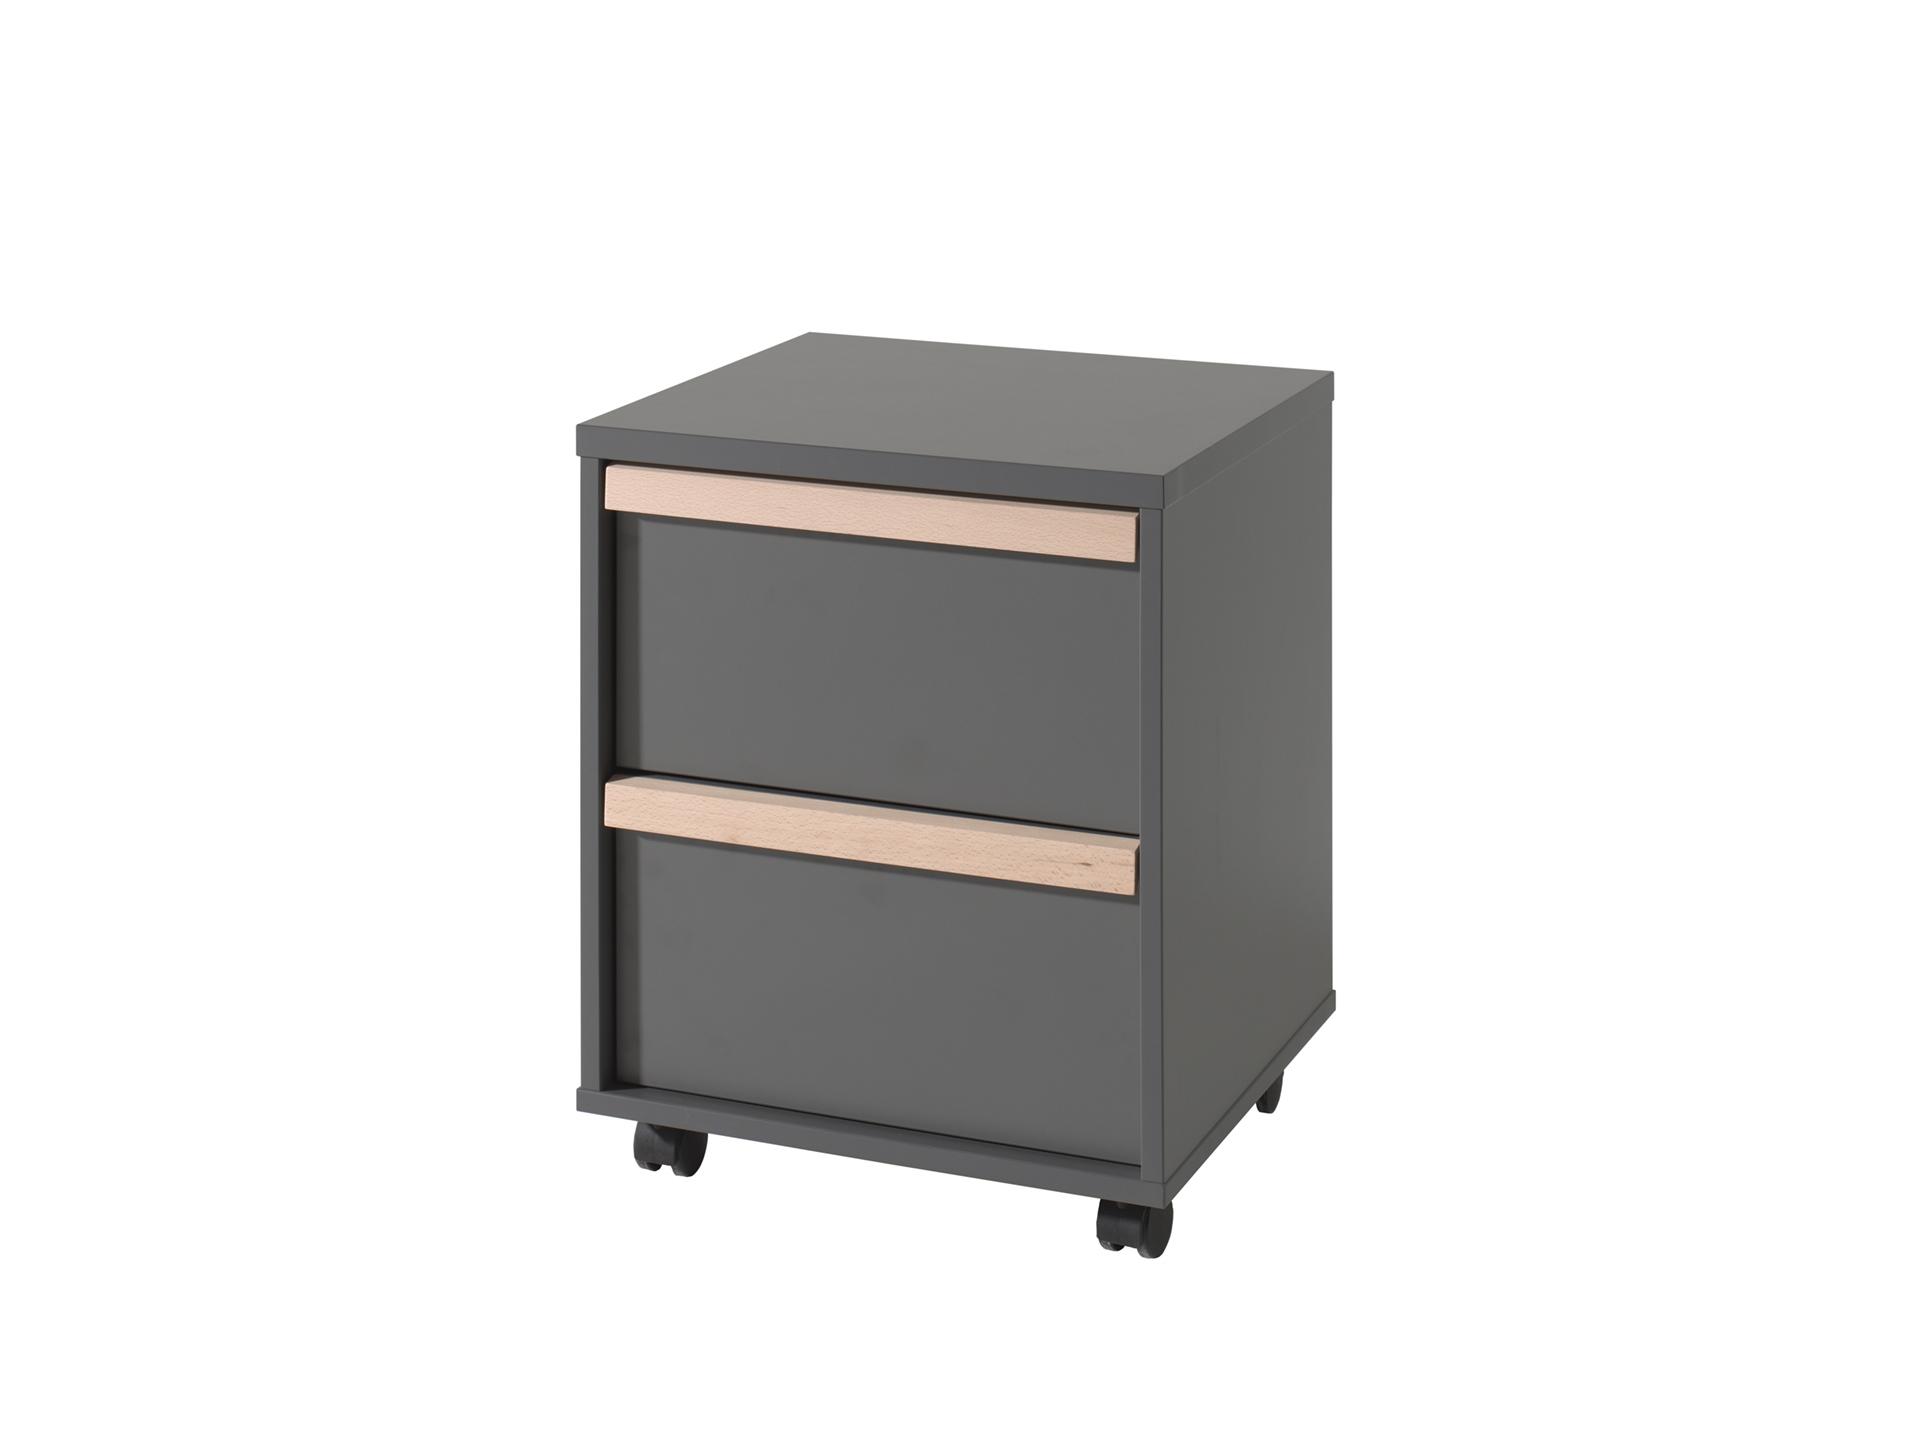 Cabinet din lemn de fag si pal, pe rotile cu 2 sertare pentru copii London Antracit / Natural, l48,1xA44xH60 cm imagine